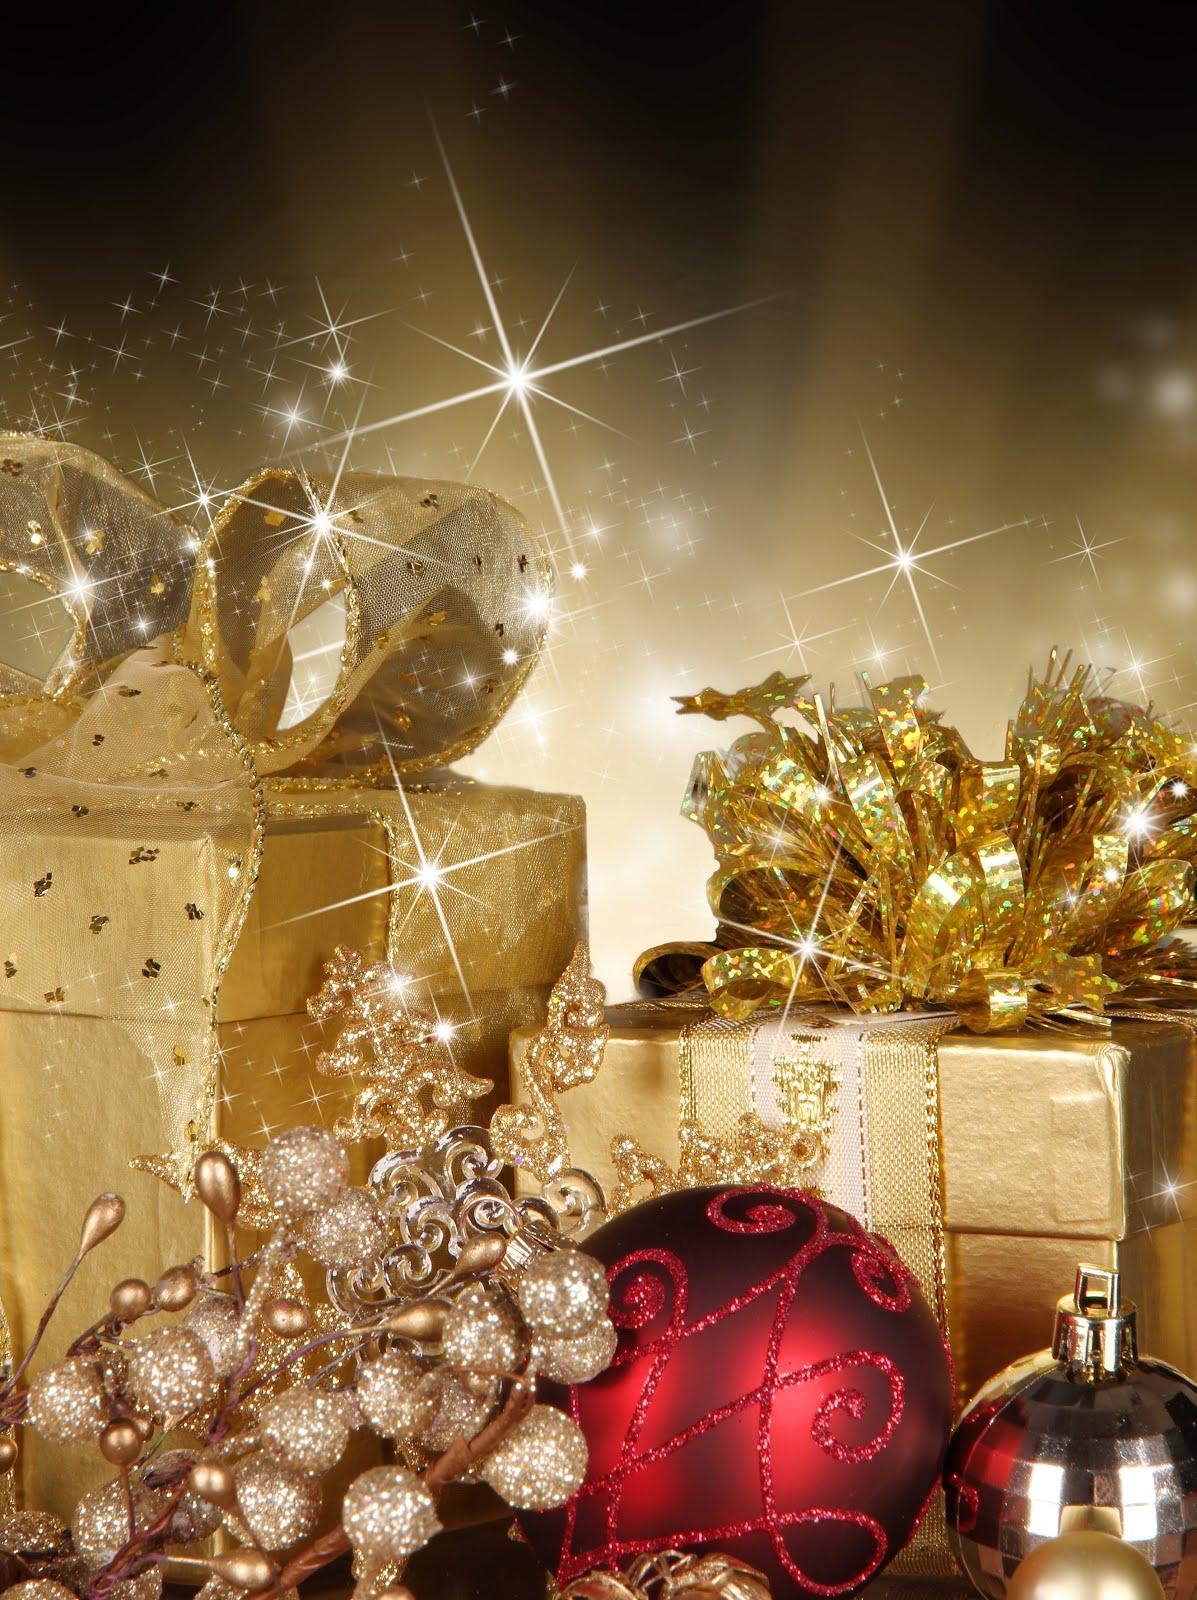 Banco de im genes para ver disfrutar y compartir - Tarjetas con motivos navidenos ...